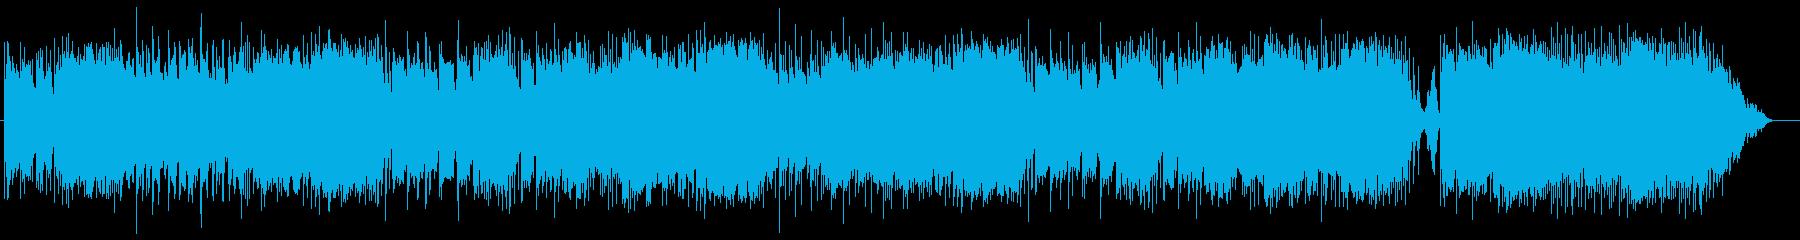 モデルルーム用BGMの再生済みの波形